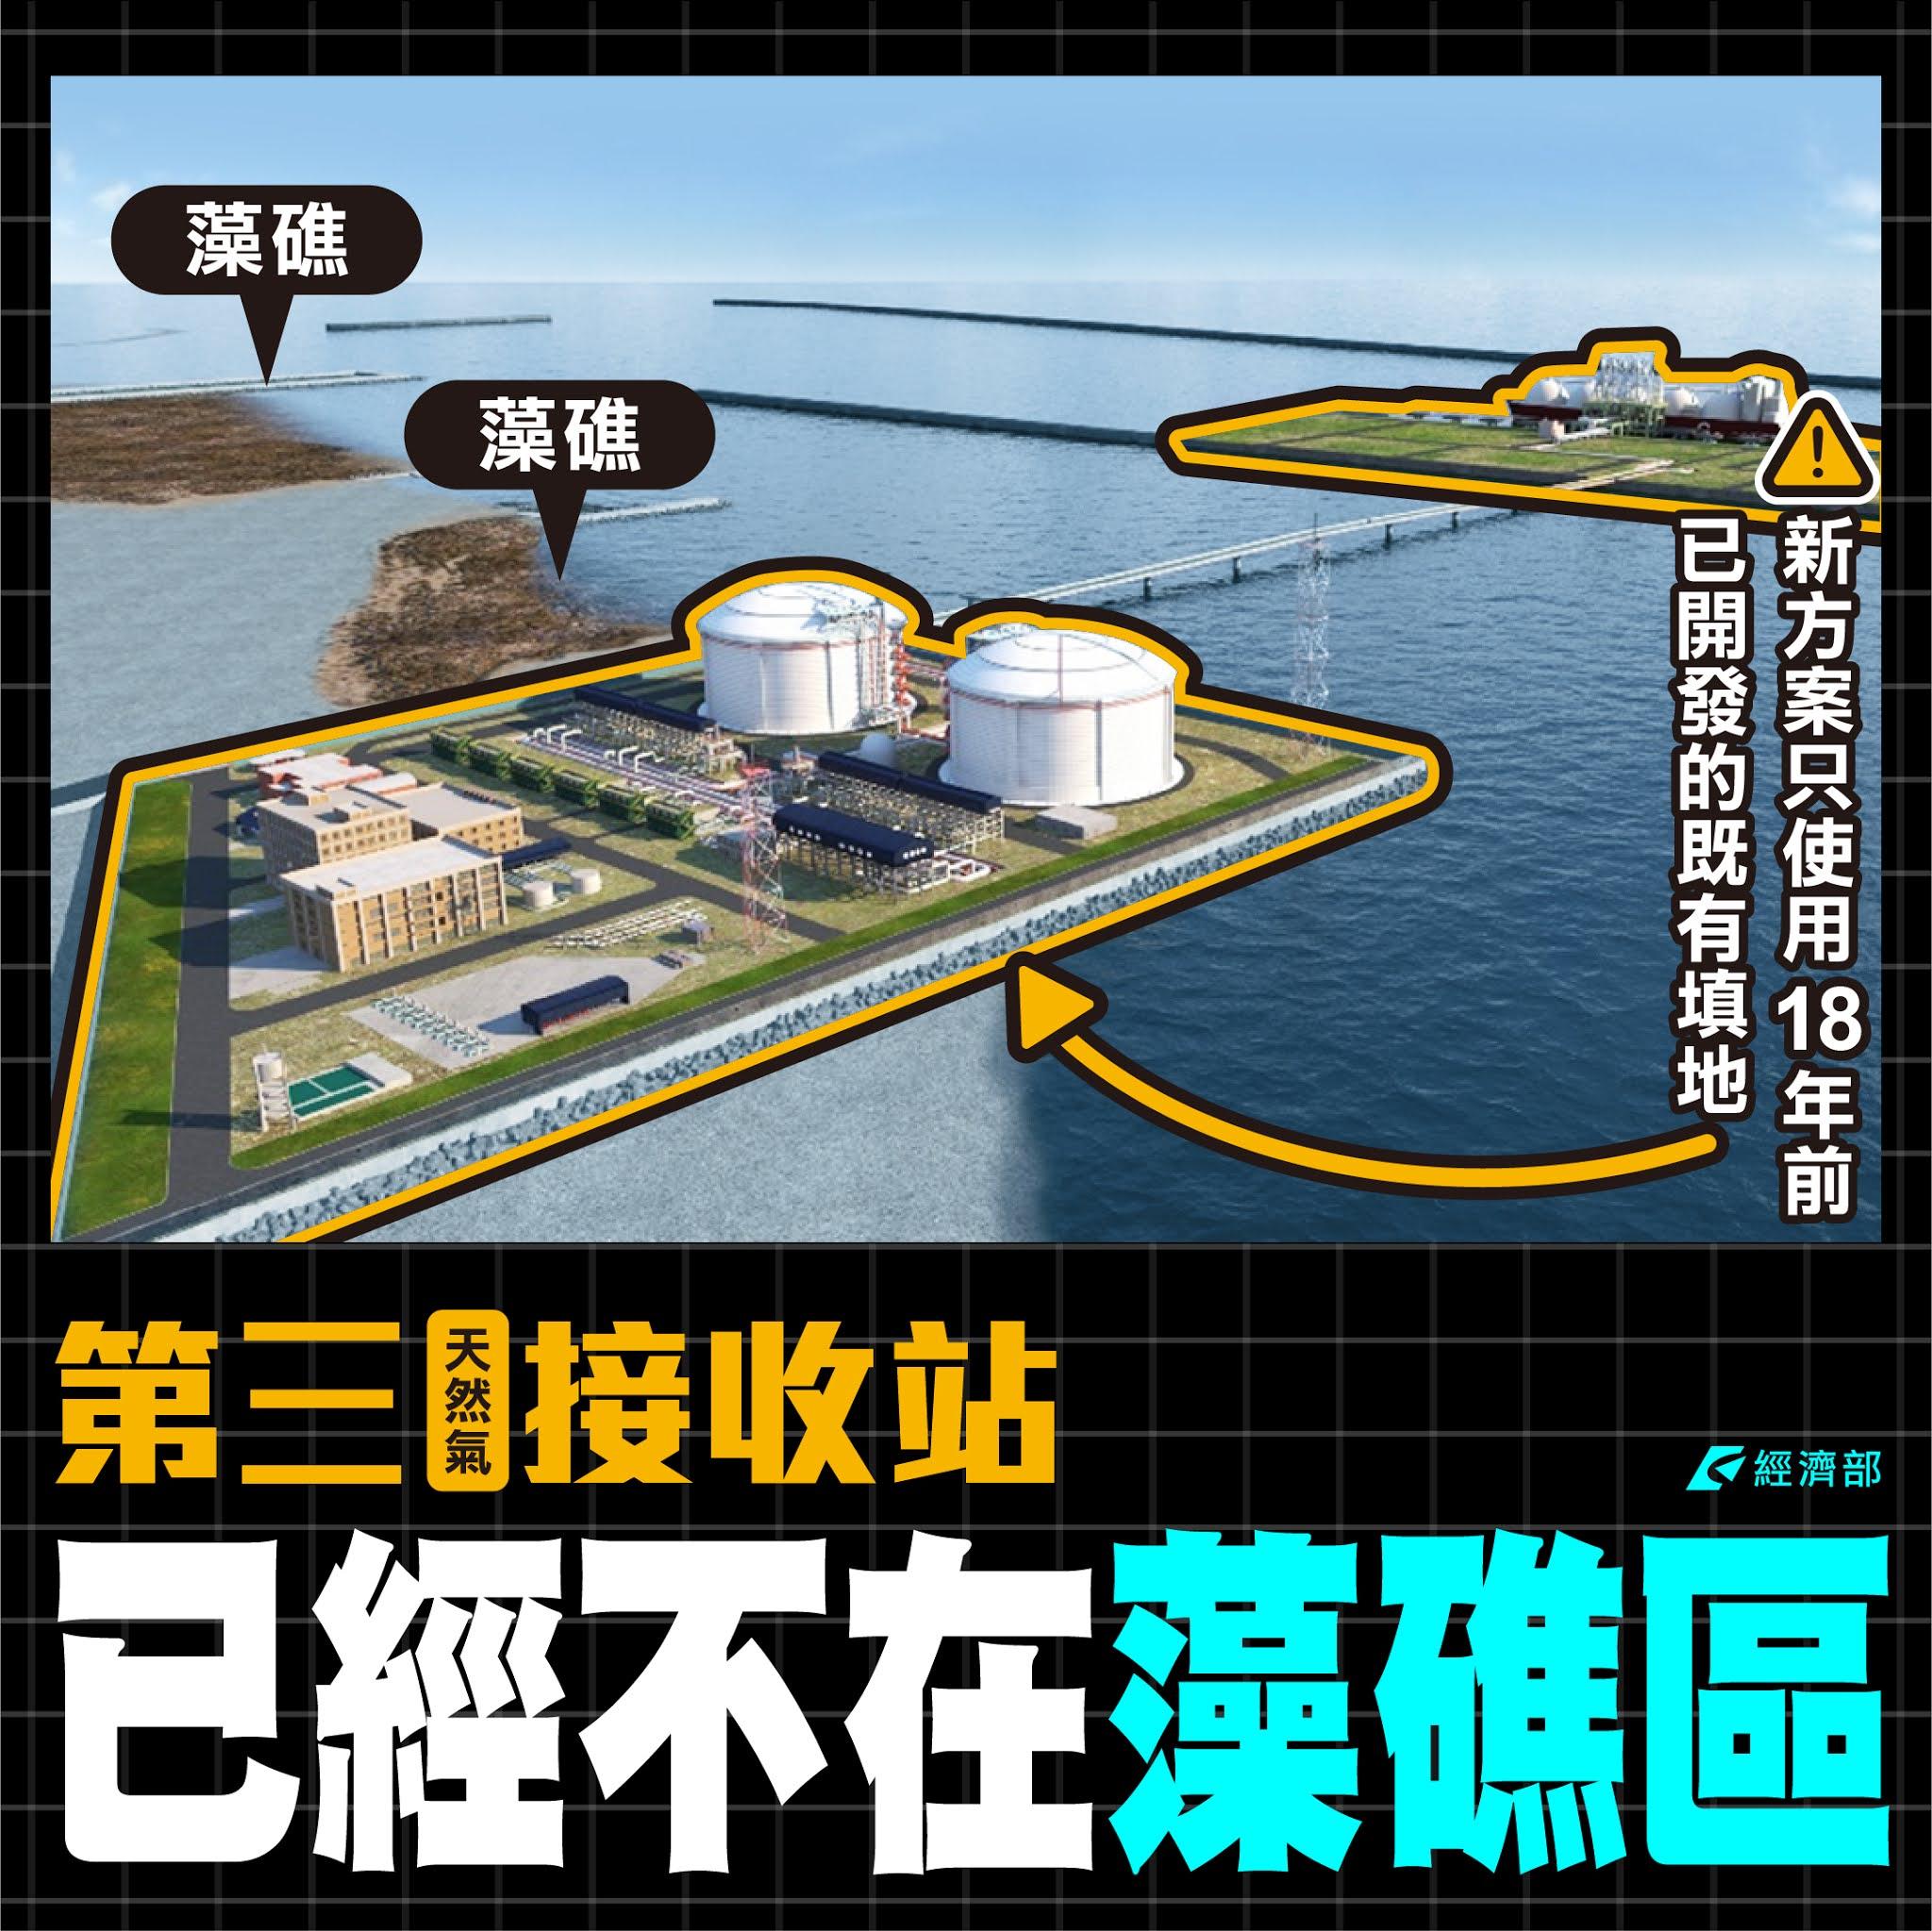 興建三接 中油:僅使用既有填地 藻礁將完整保留